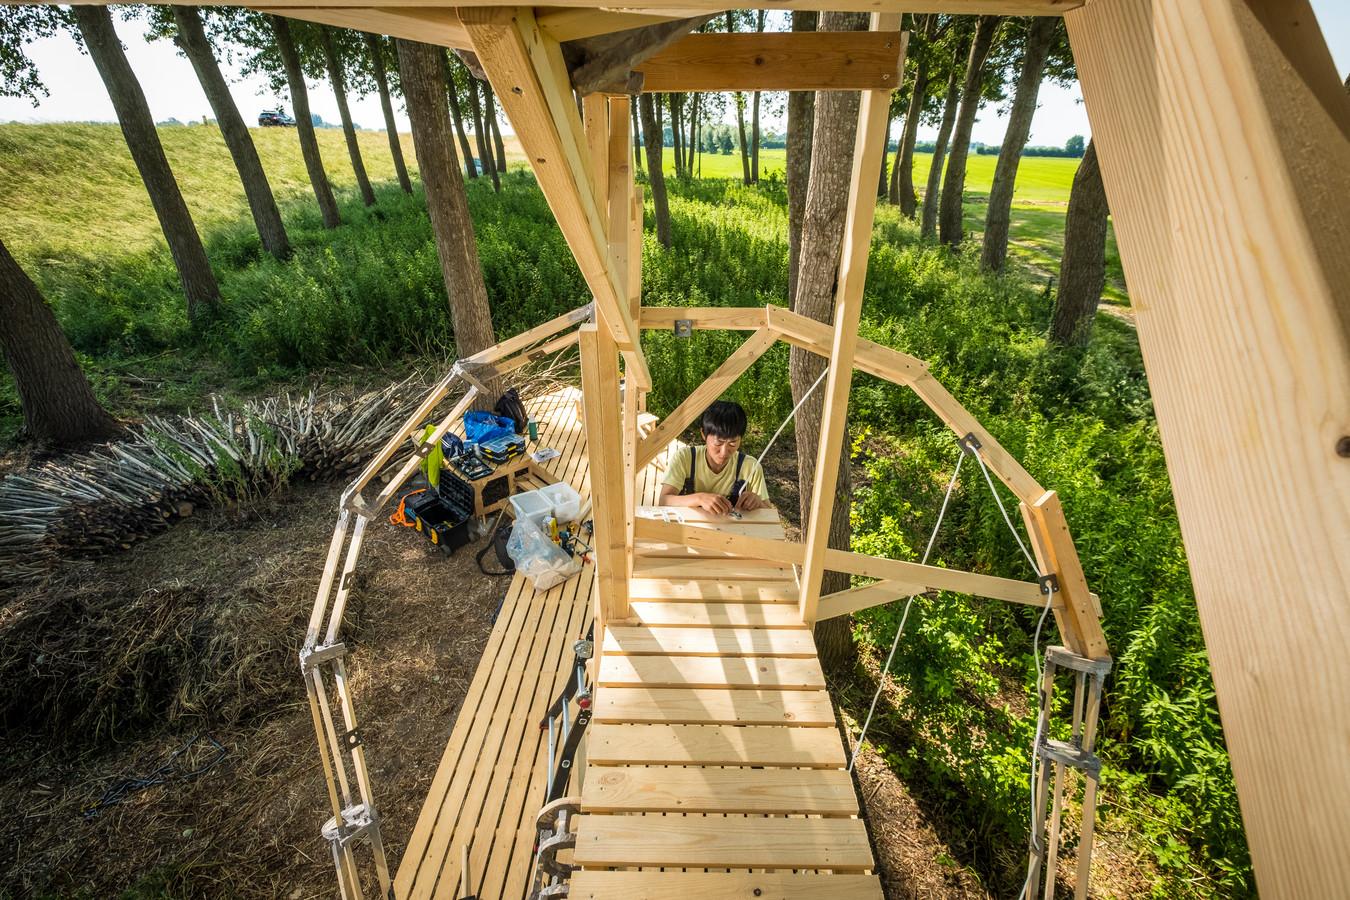 Sachi Miyachi bouwt zelf een boomhut in de vorm van een oor langs de IJssel bij Marle, maar hoopt dat Moeder Natuur haar werk voortzet. Bijvoorbeeld mogen spinnen hier hun web maken.